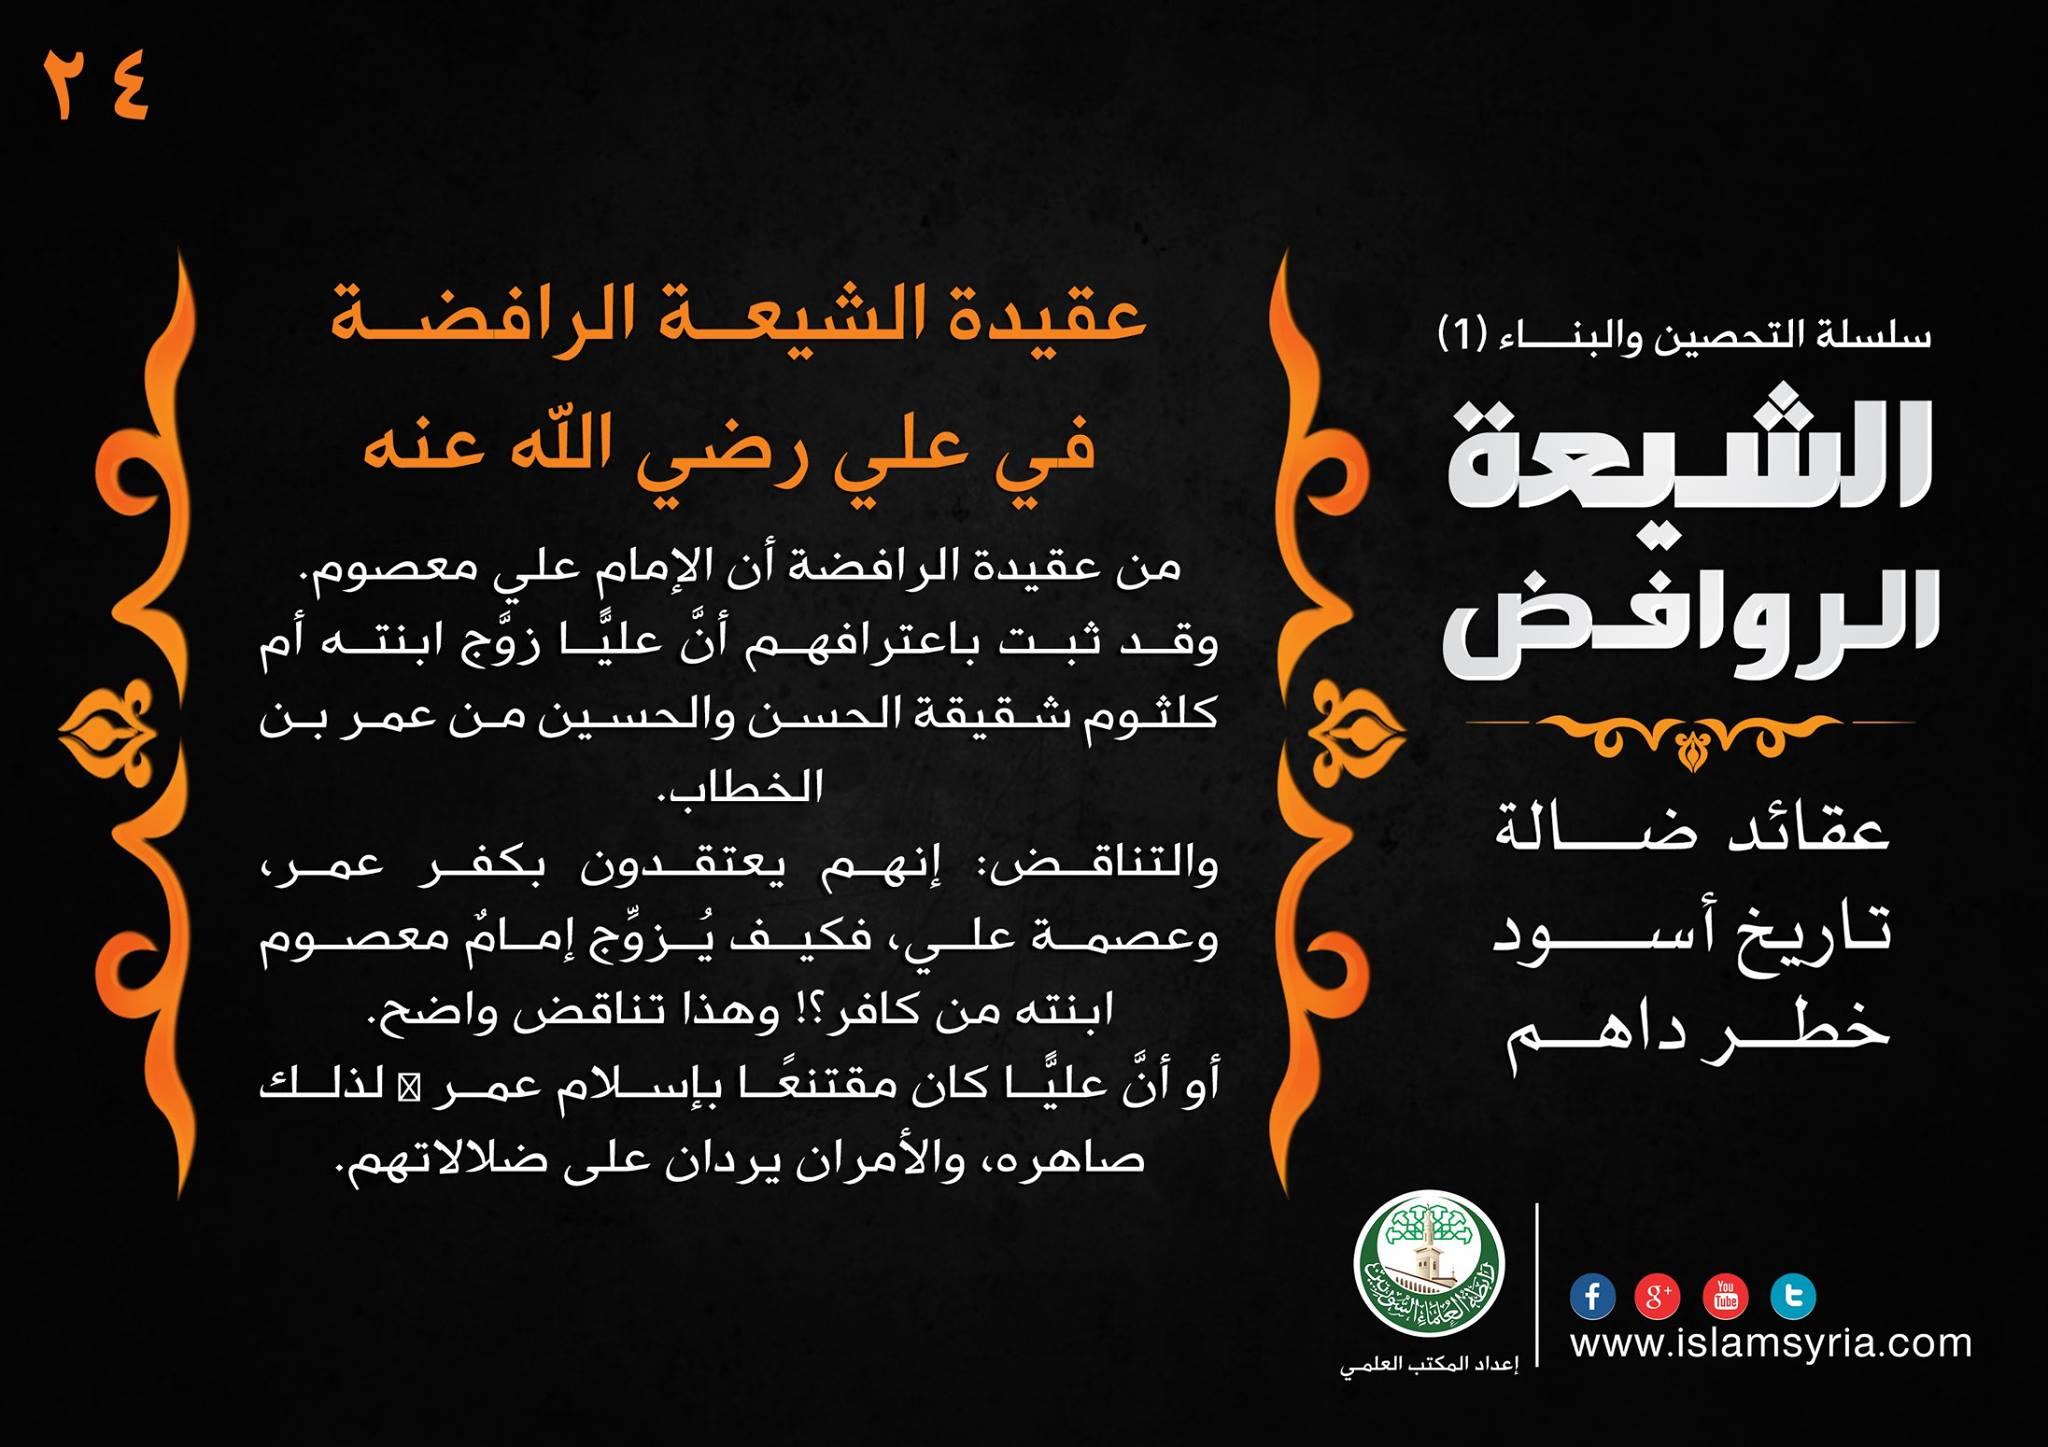 سلسلة التحصين والبناء -24- الشيعة الروافض